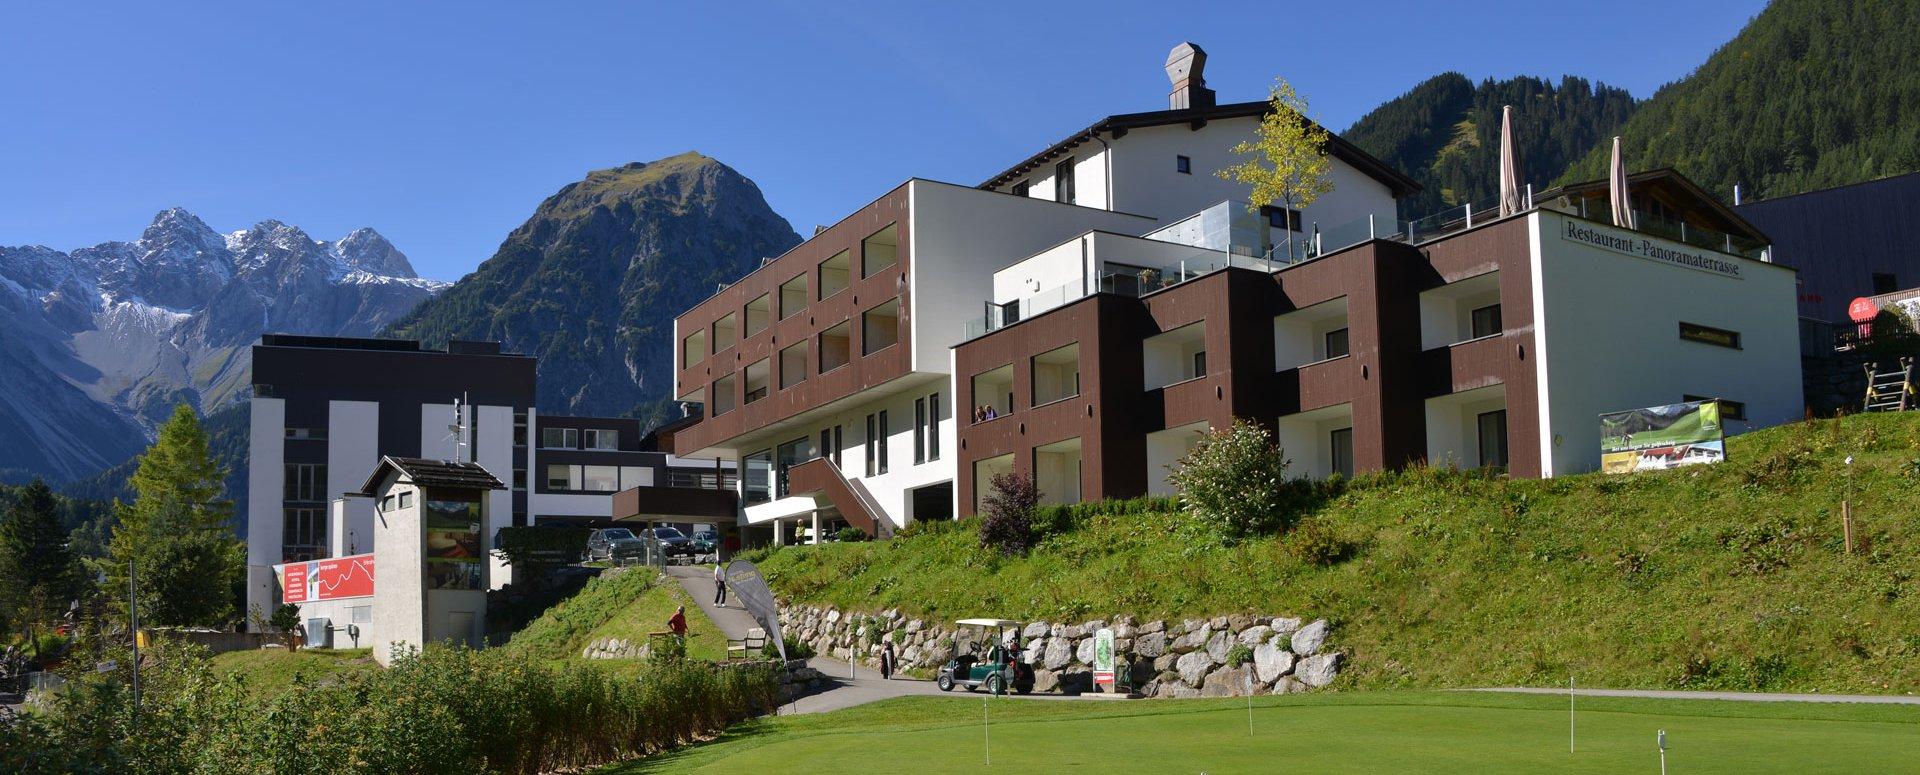 Das 4 hotel zum biken in vorarlberg hotel sarotla for Designhotel vorarlberg